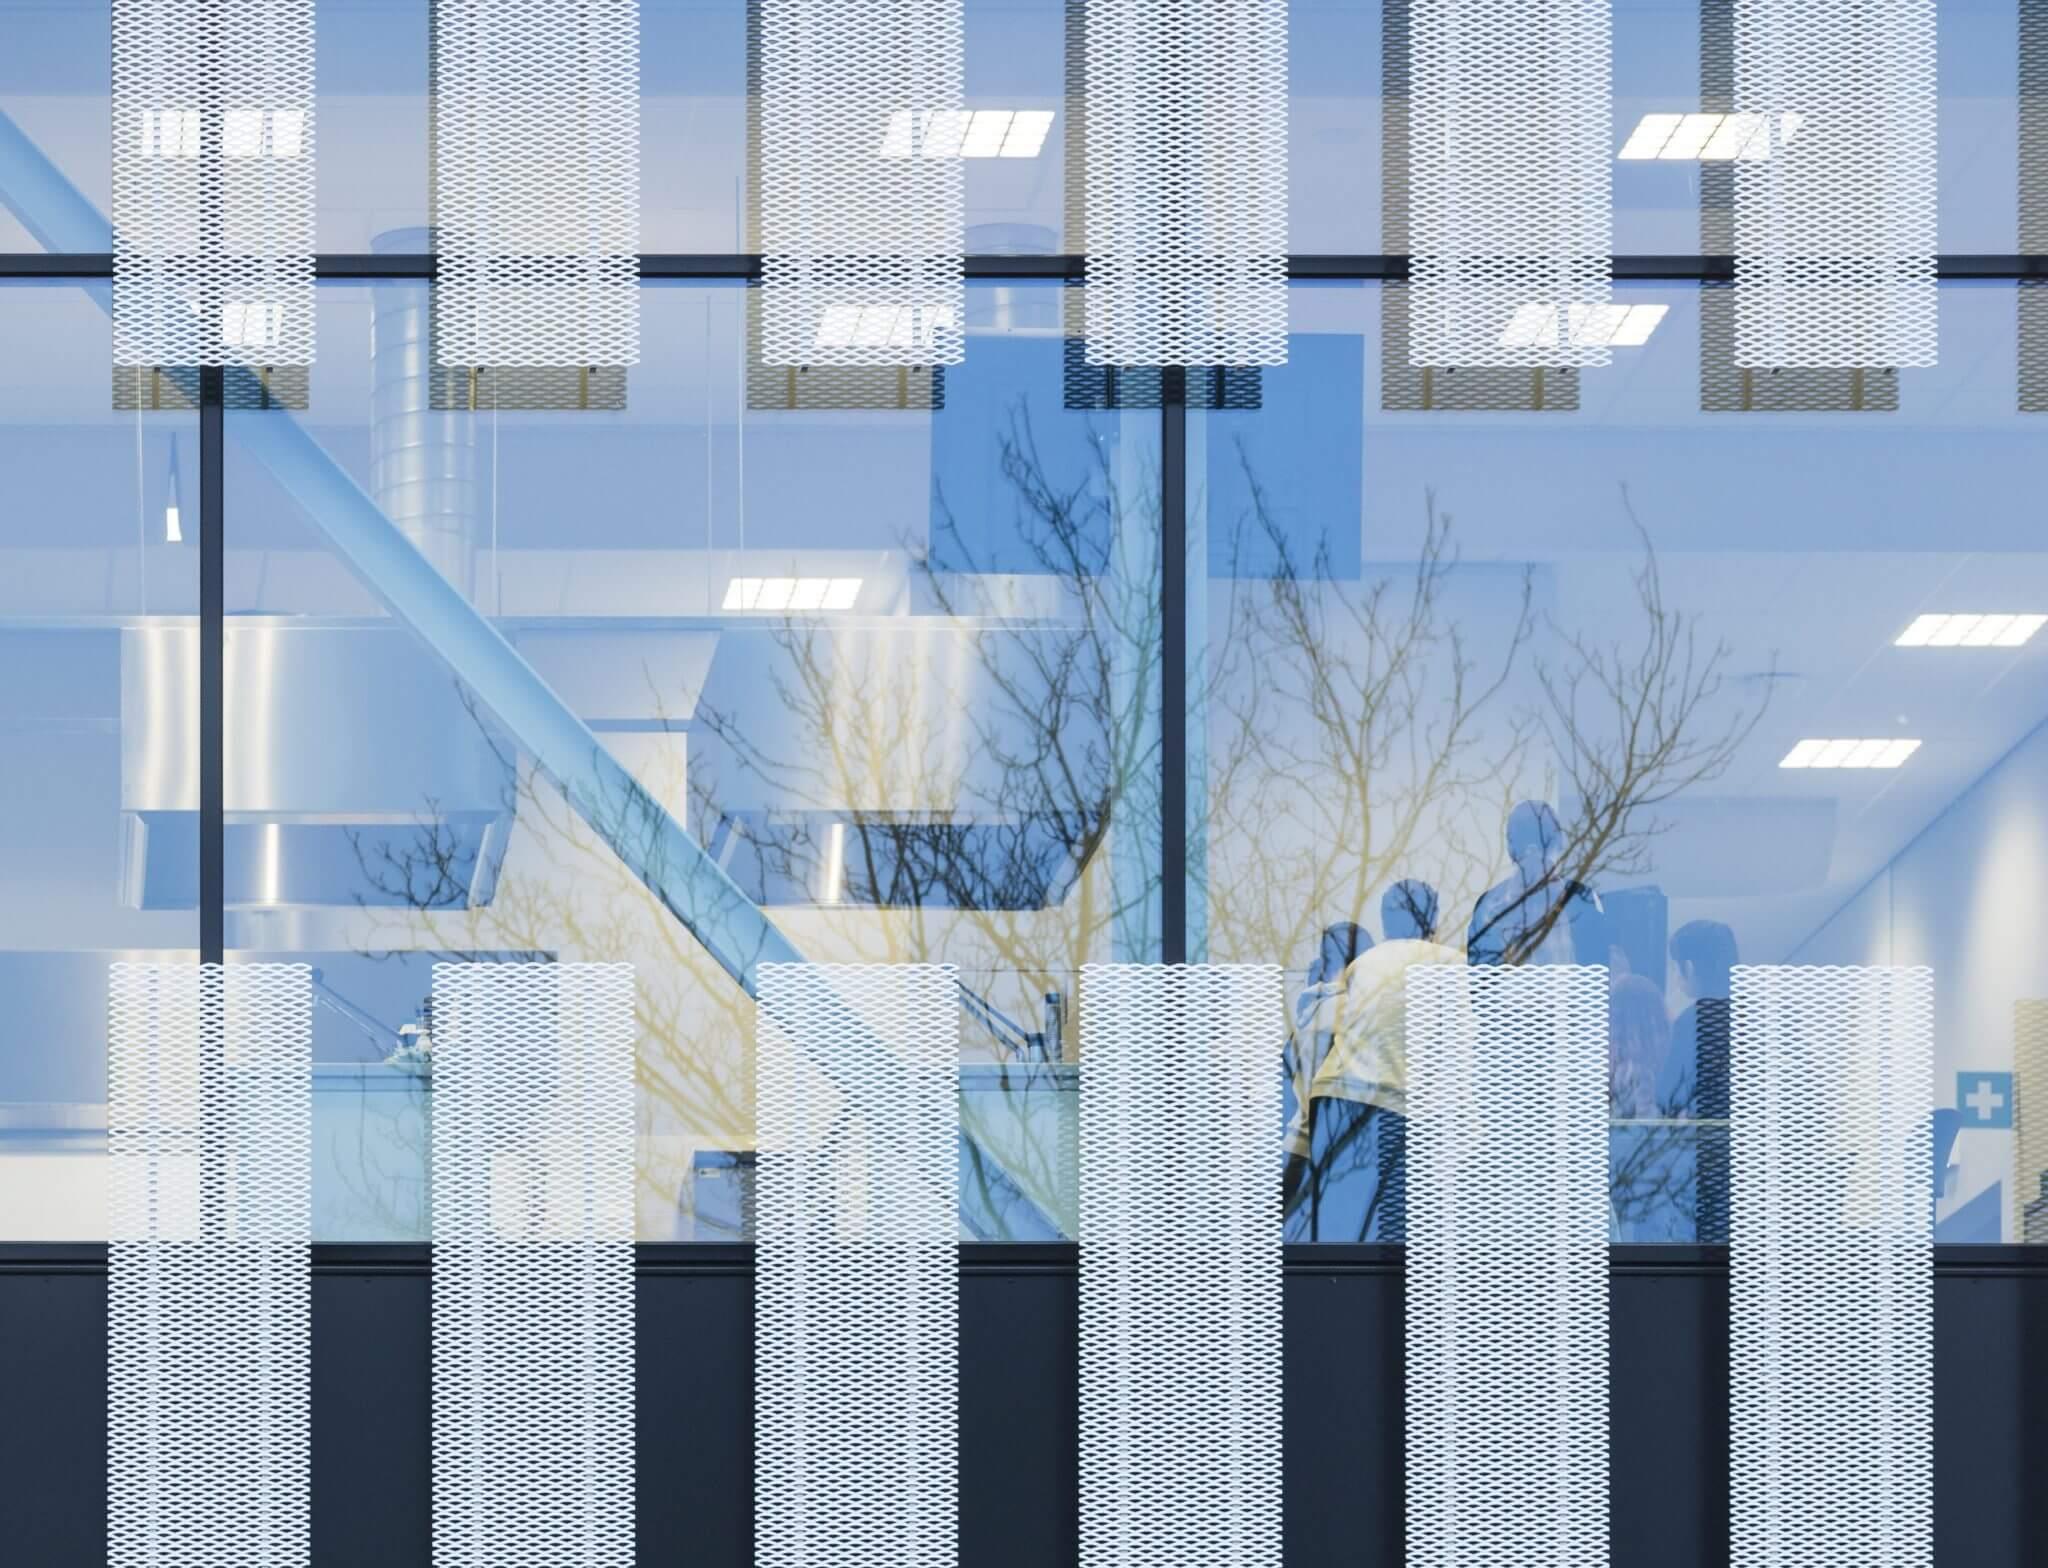 Tilburg Campus 013 OGT VMBO-K Stappegoor hoogwaardig binnenklimaat energieprestatie onderwijsbudget leerlijn ROC alzijdig split-level flexibiiteit techniek horeca zorg welzijn groen dierverzorging economie handel logistiek loopbrug kas entreehal licht lucht modulair specials strekmetaal oranje verbindingsgang frisse scholen duurzaam toekomstbestendig